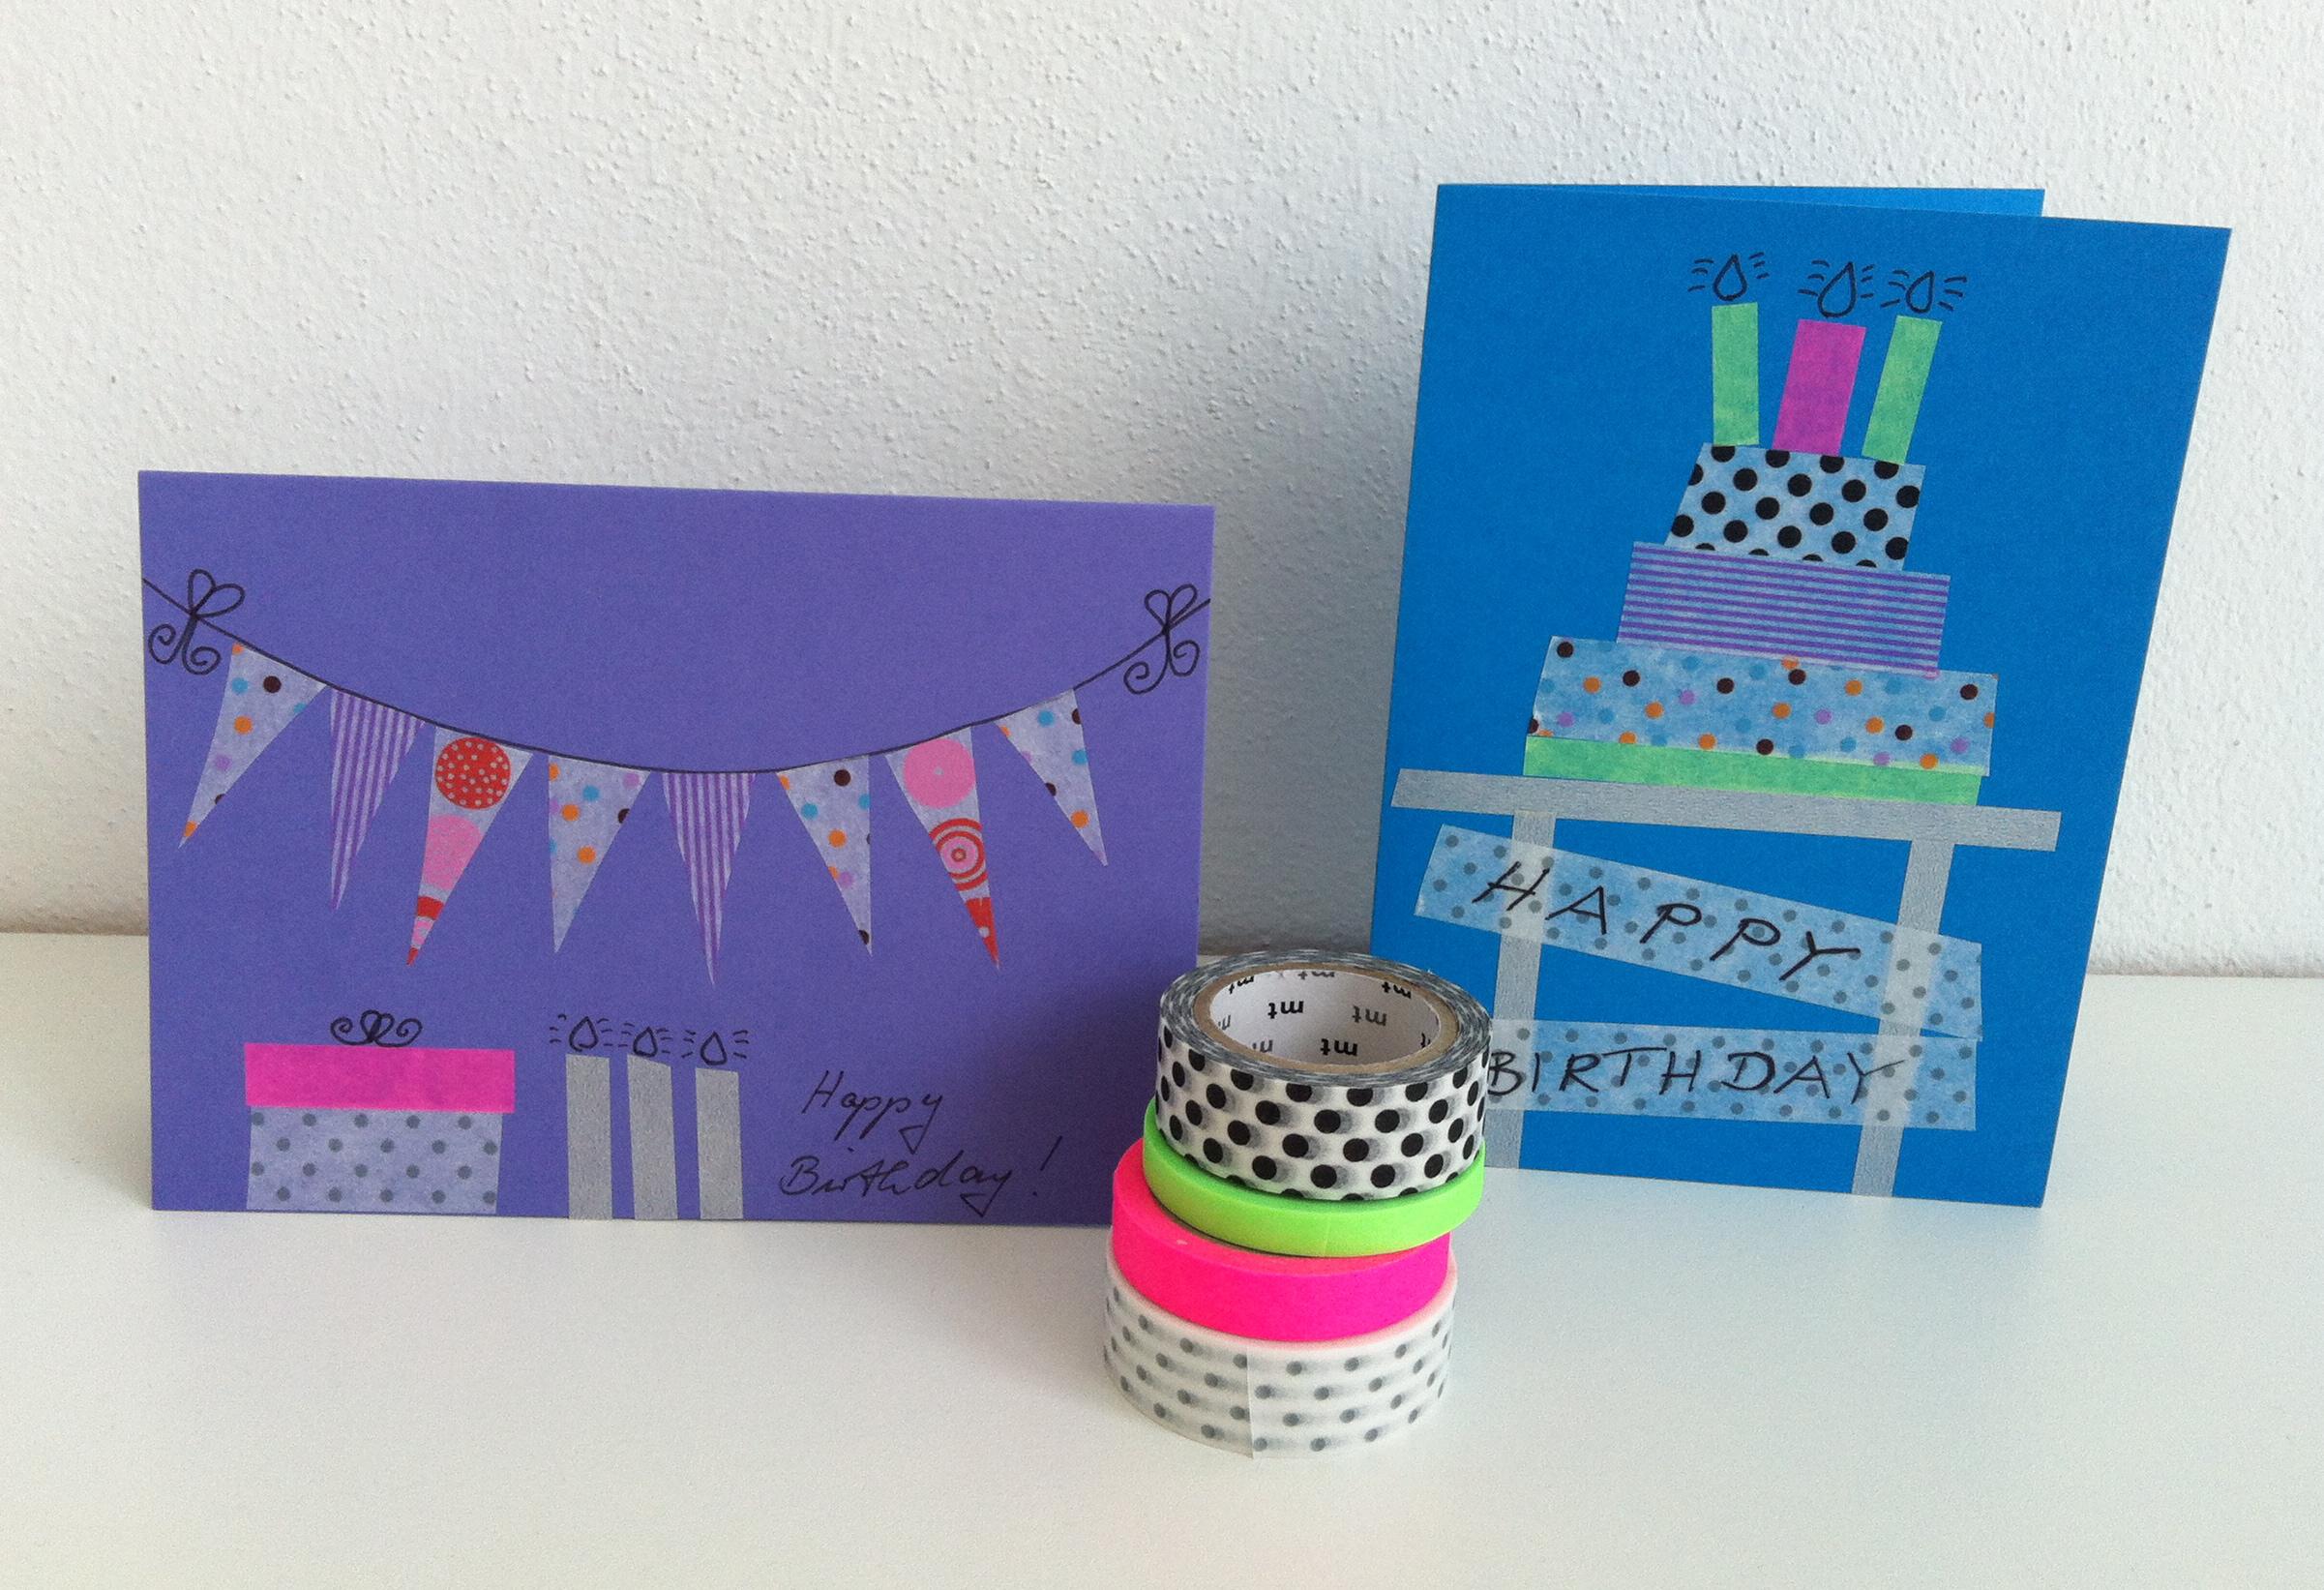 Happy Birthday Karte Für Frauen.Happy Birthday Mit Masking Tape Herr Und Frau Krauss Shop Und Blog